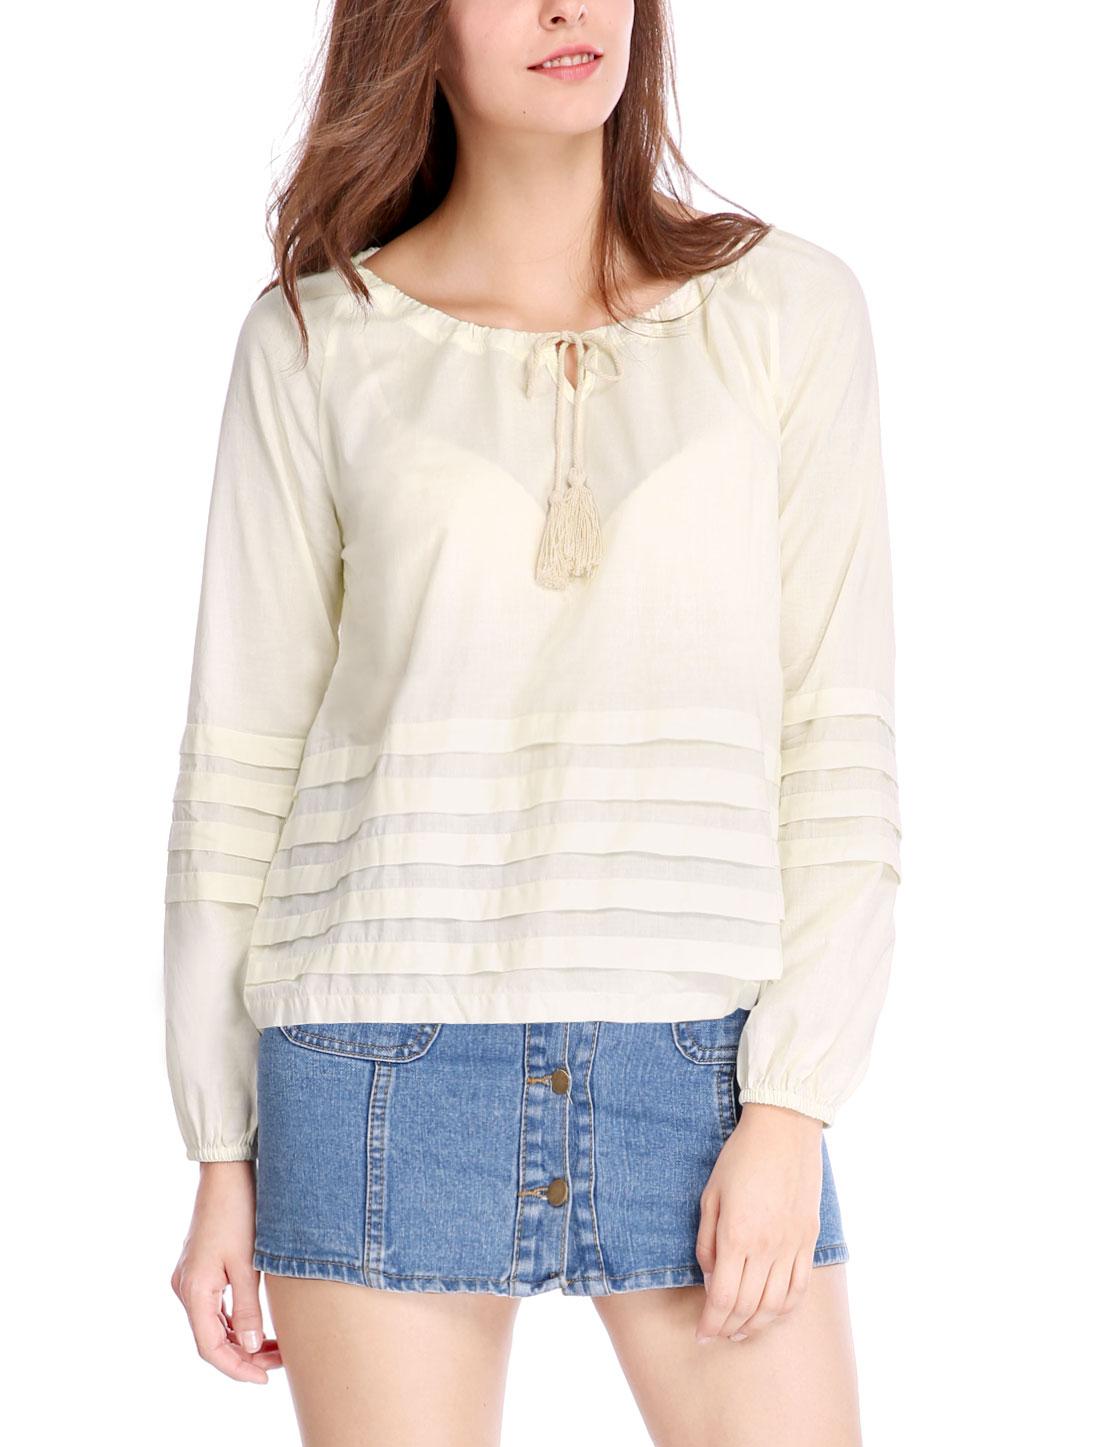 Women Tassel Tie Front Shutter Pleats Long Sleeves Blouse Ivory L